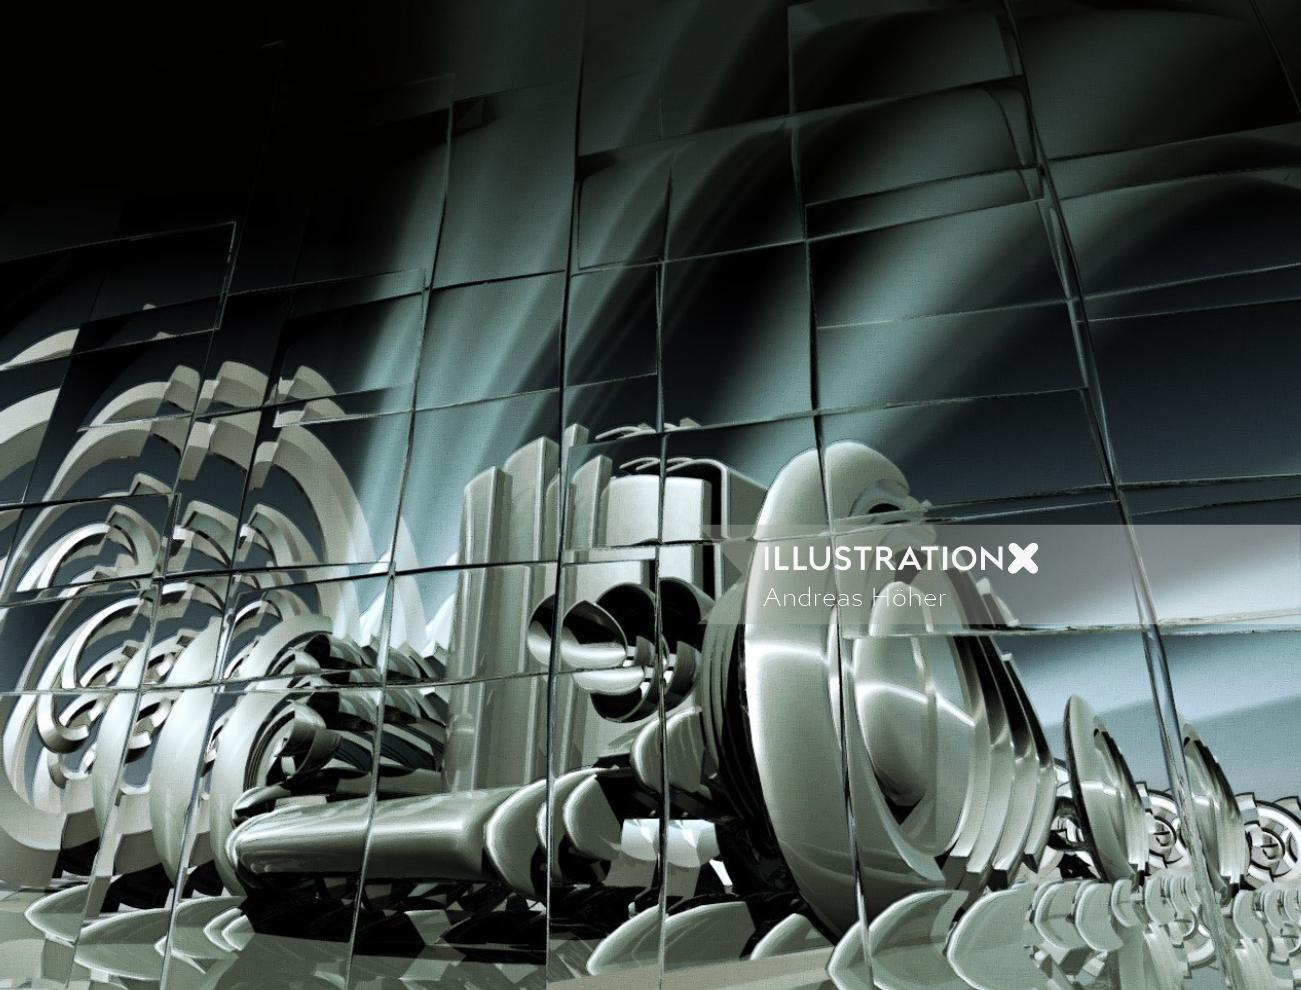 3d illustration of cubic race car